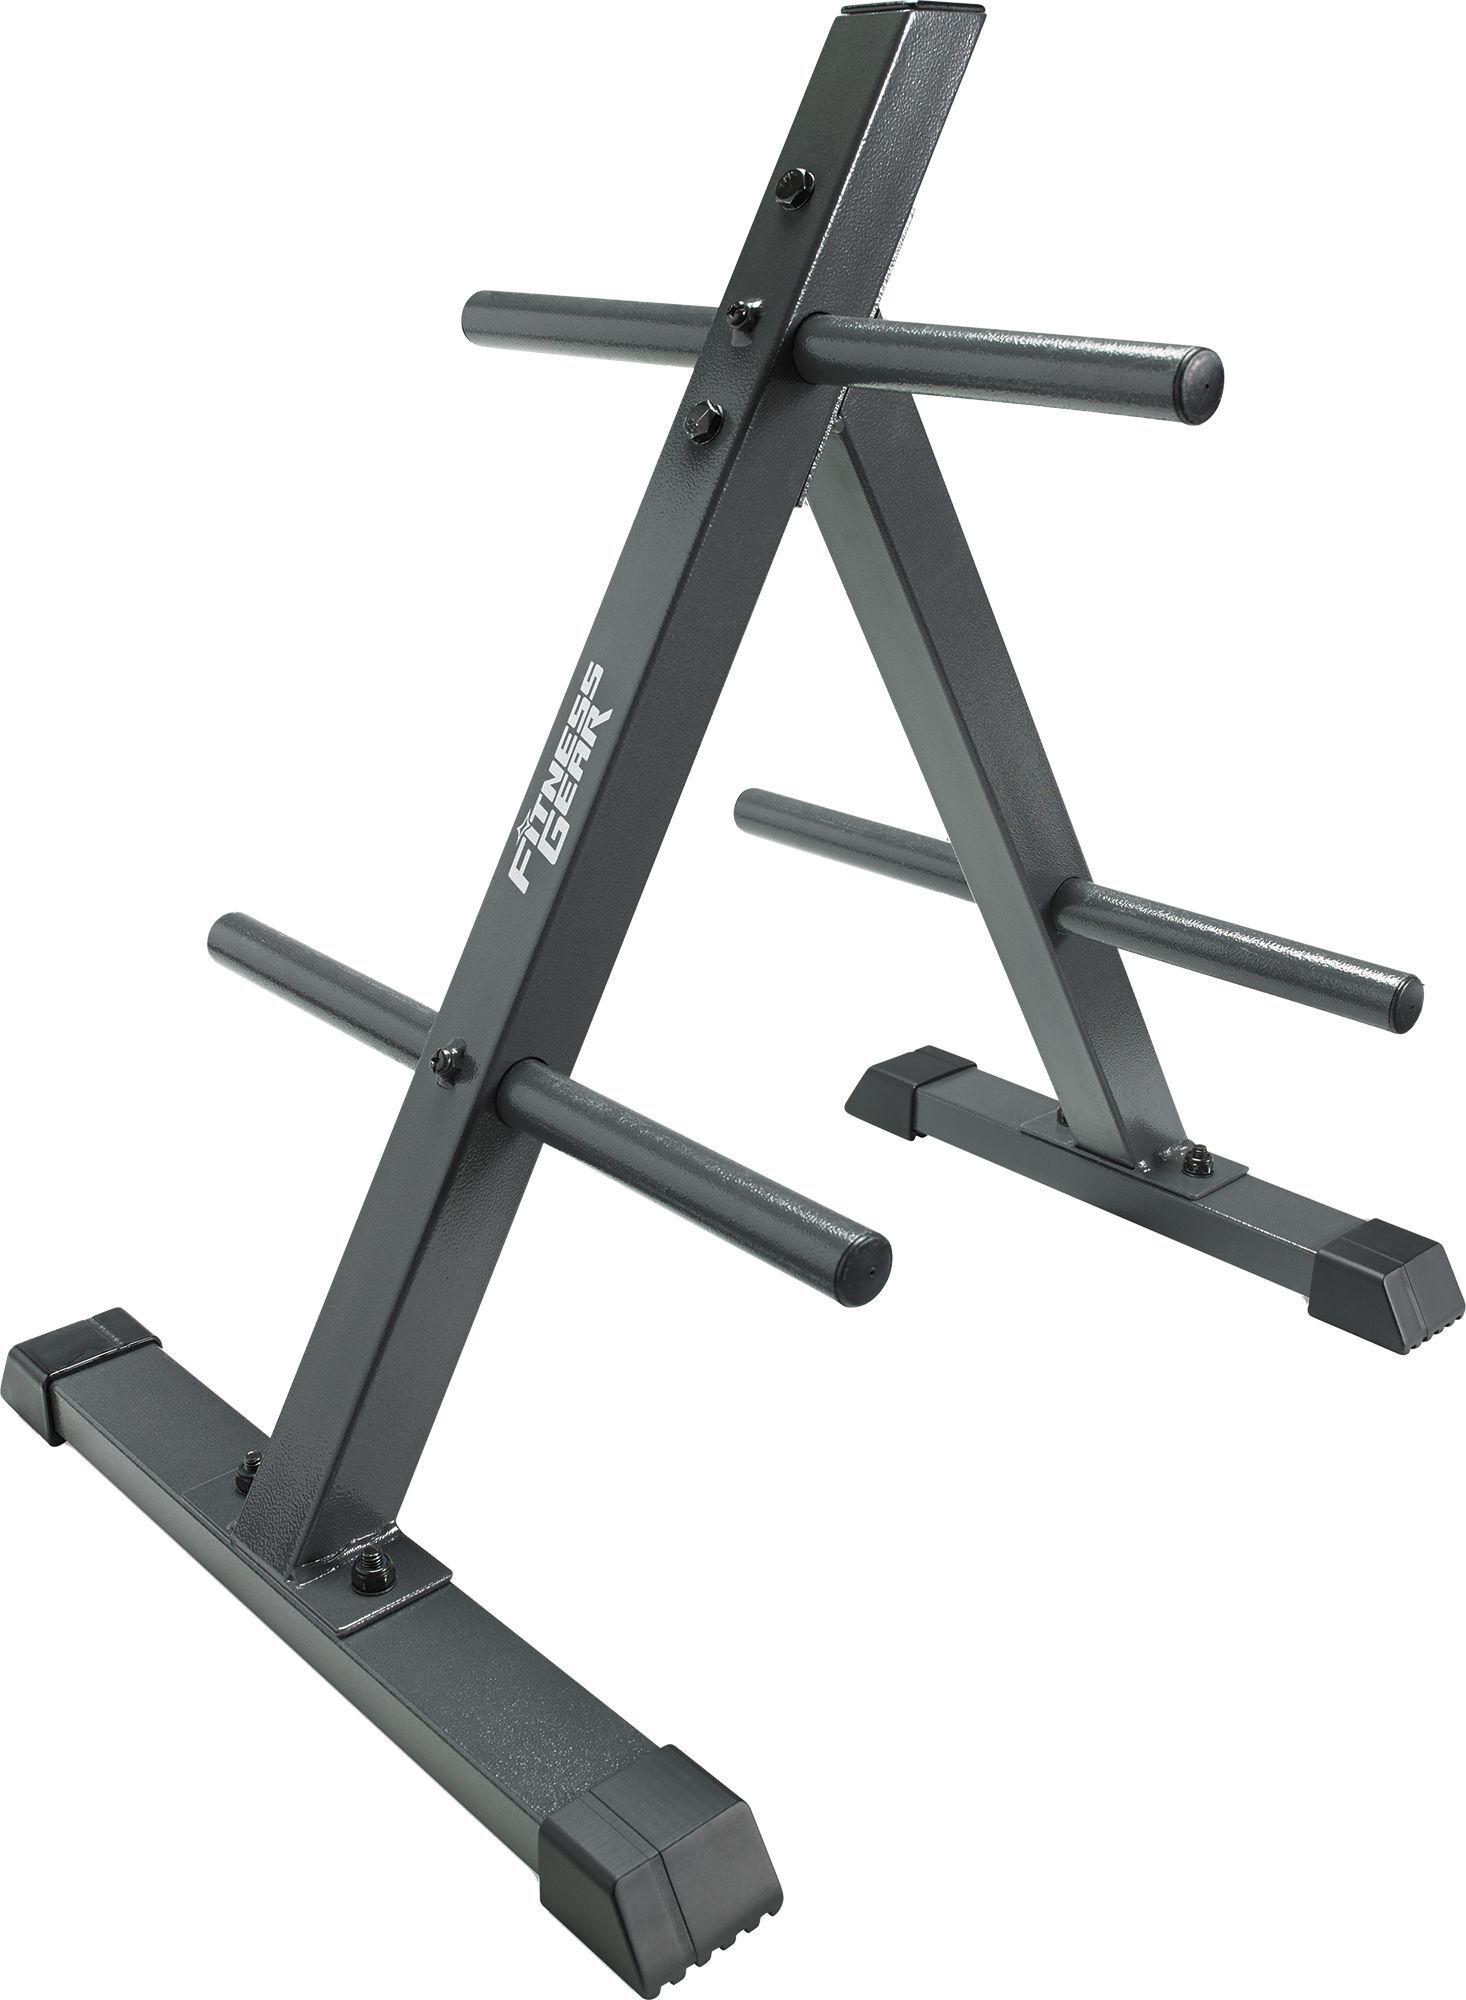 Fitness Gear Standard Plate Tree, steel